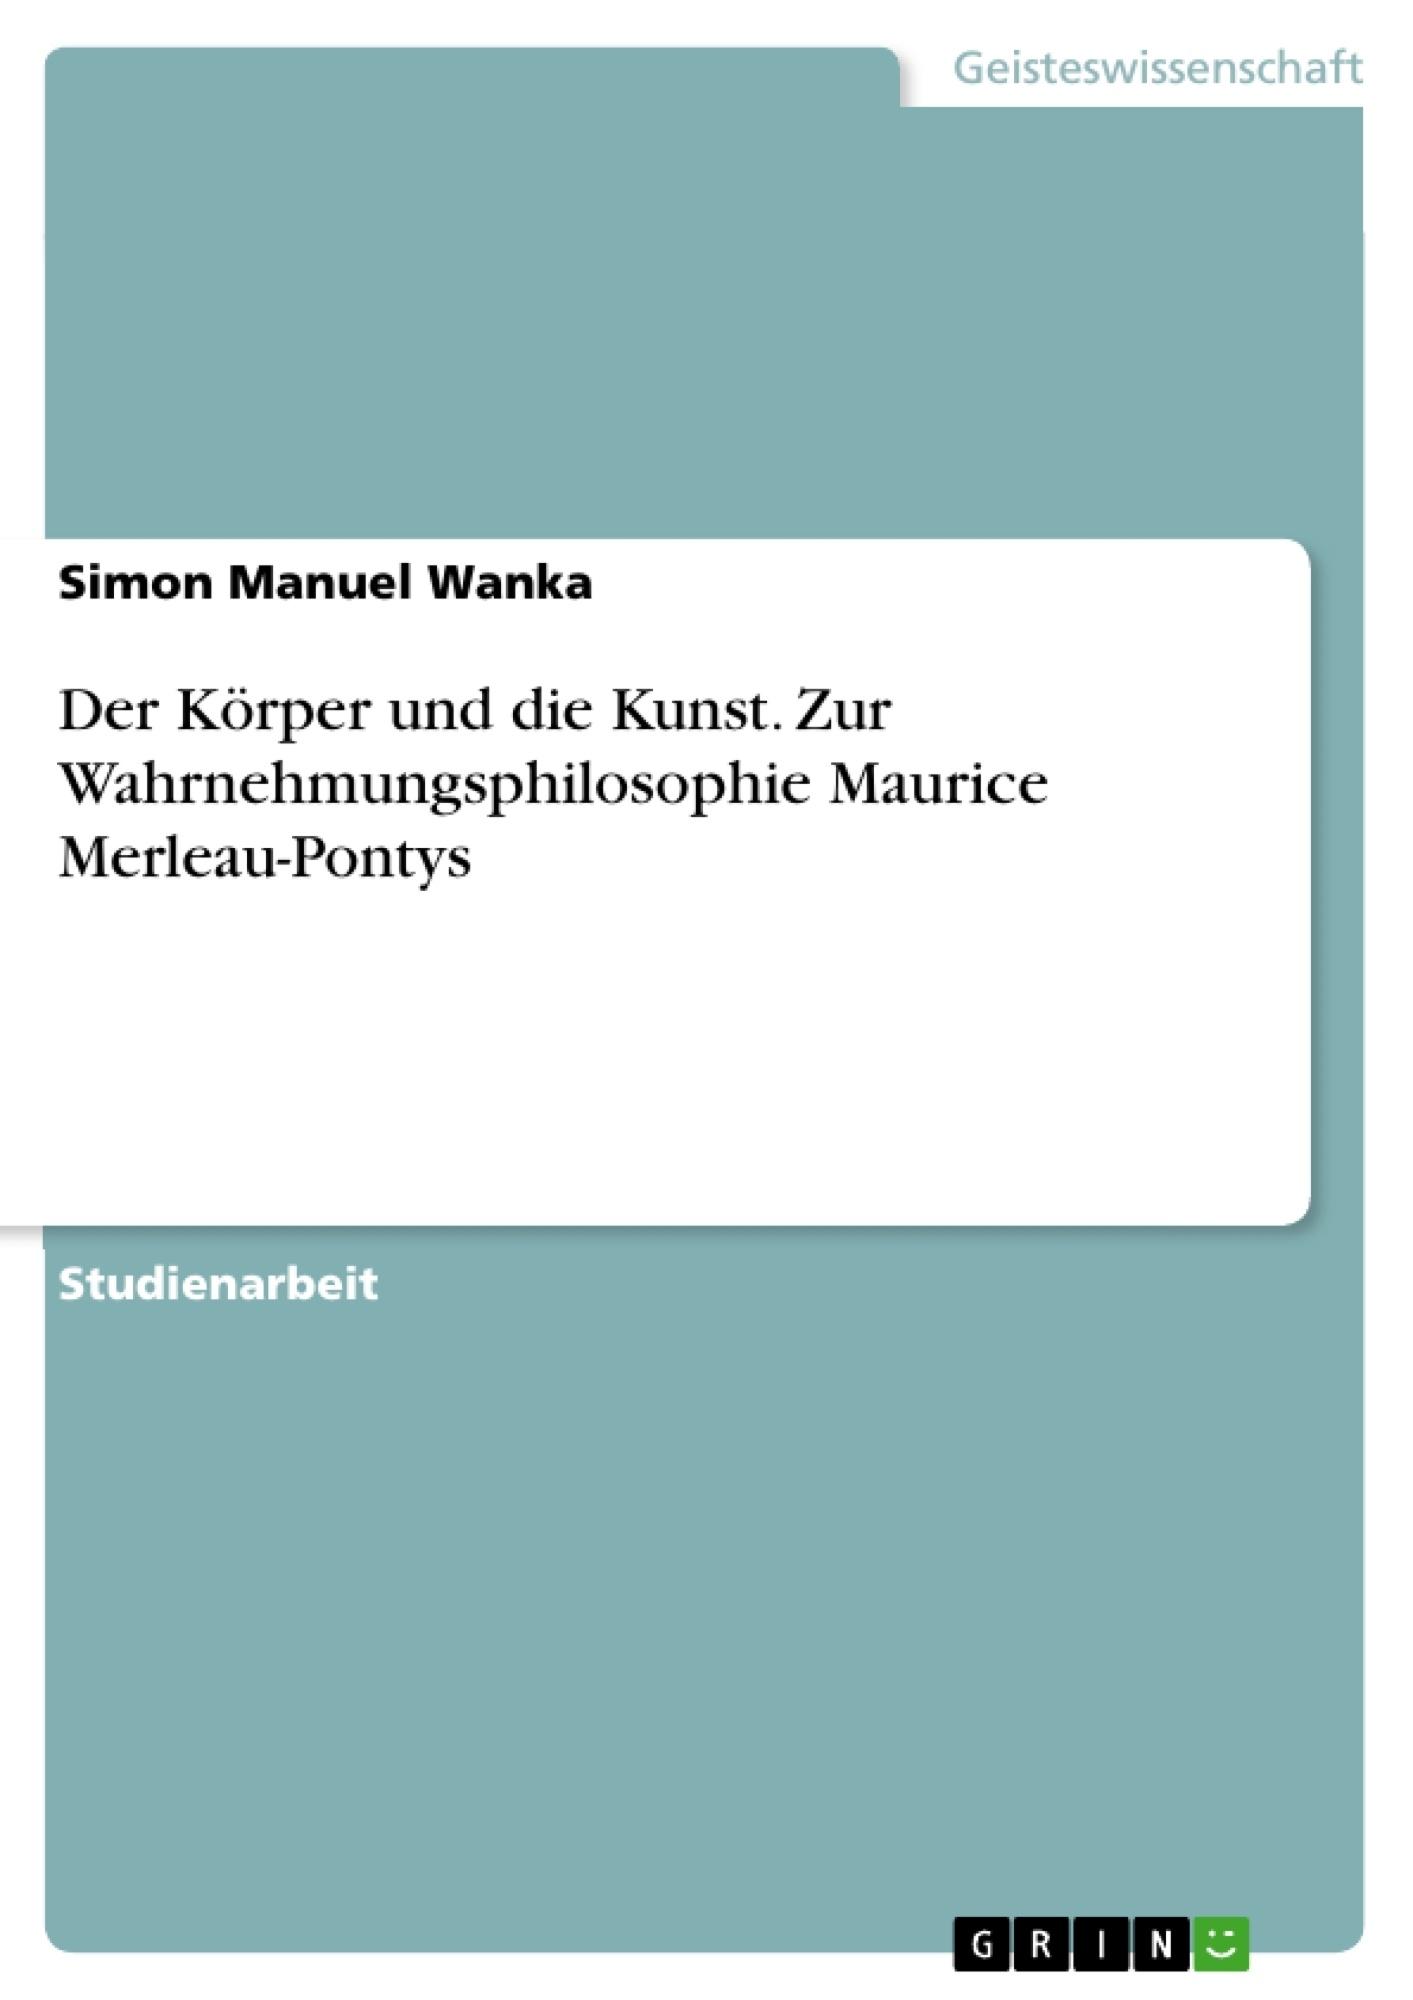 Titel: Der Körper und die Kunst. Zur Wahrnehmungsphilosophie Maurice Merleau-Pontys